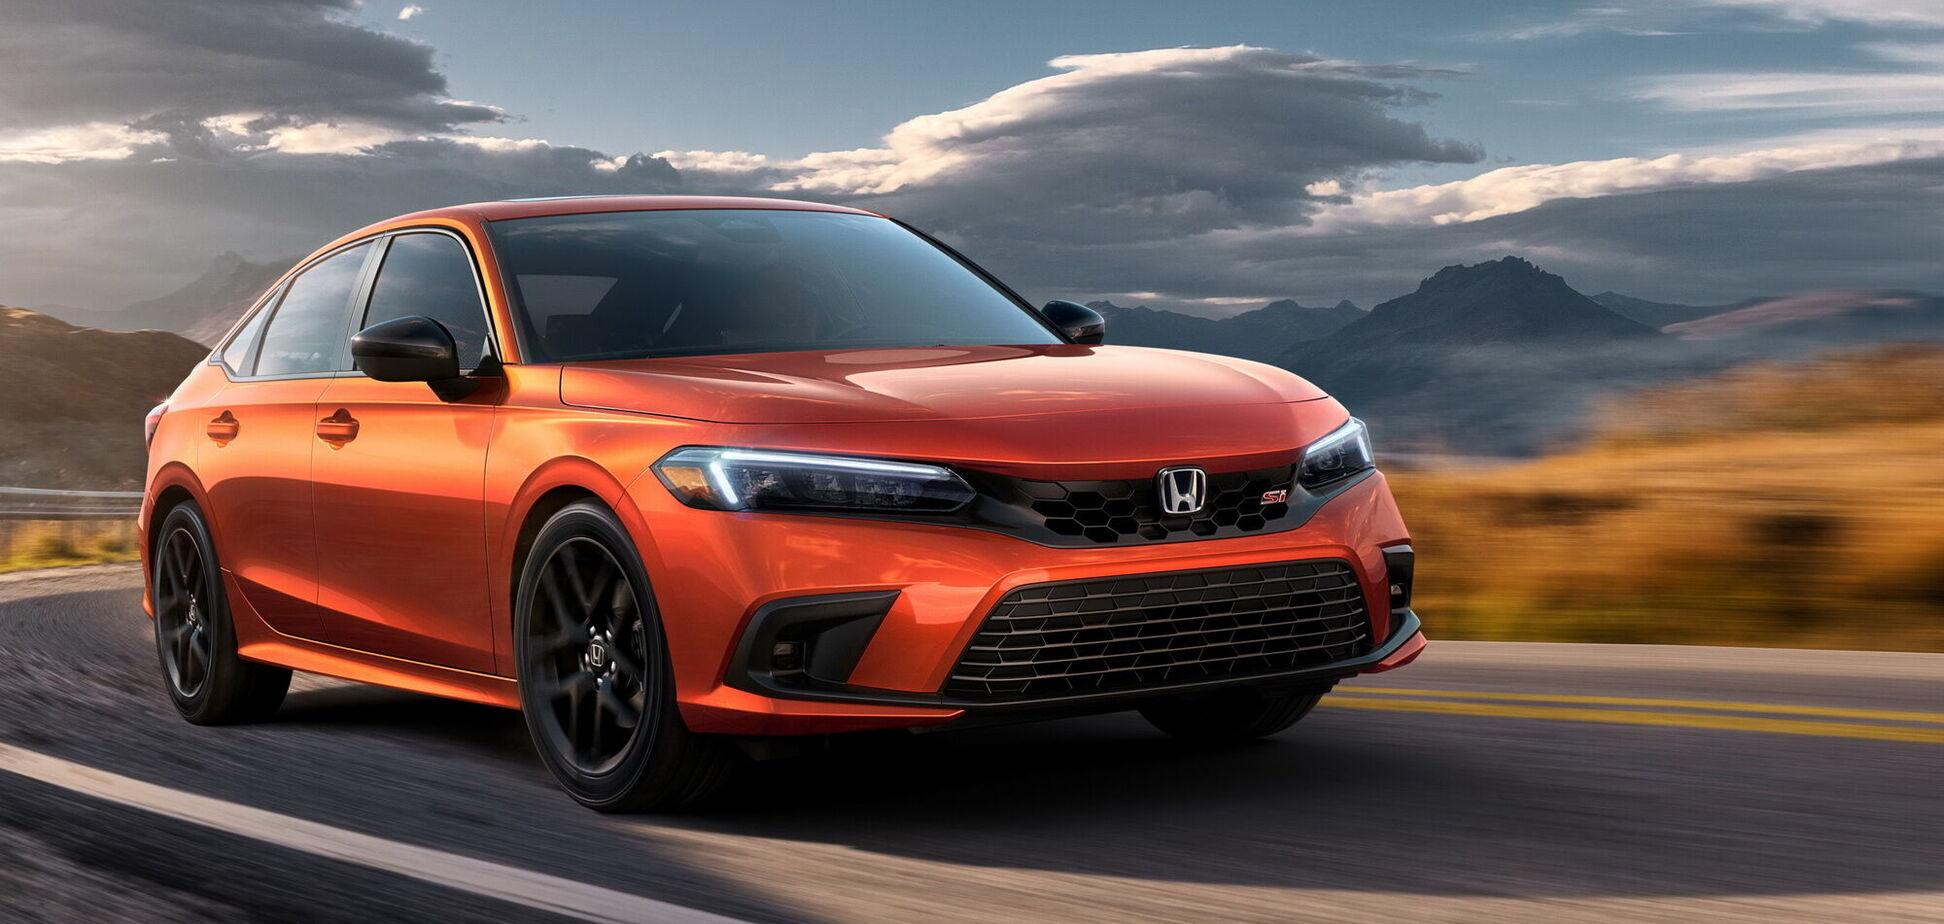 Honda підготувала спортивну версію Civic Si. Відео